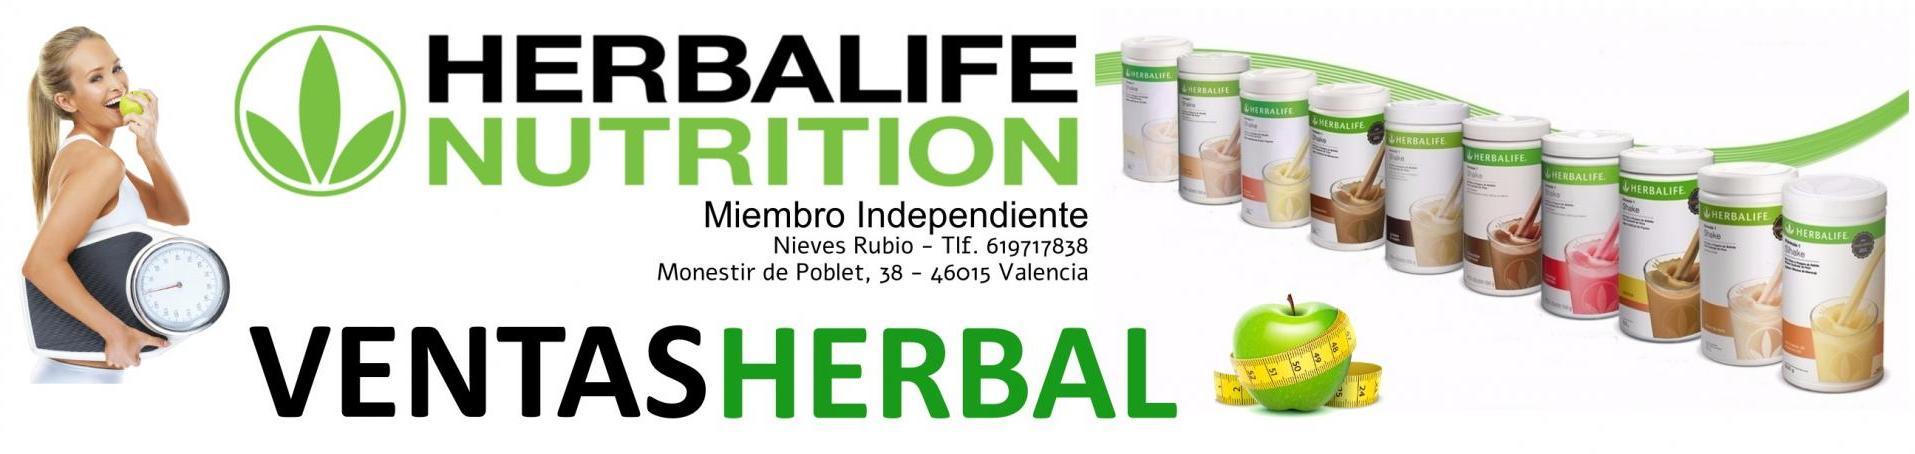 VentasHerbal, Productos Herbalife Online